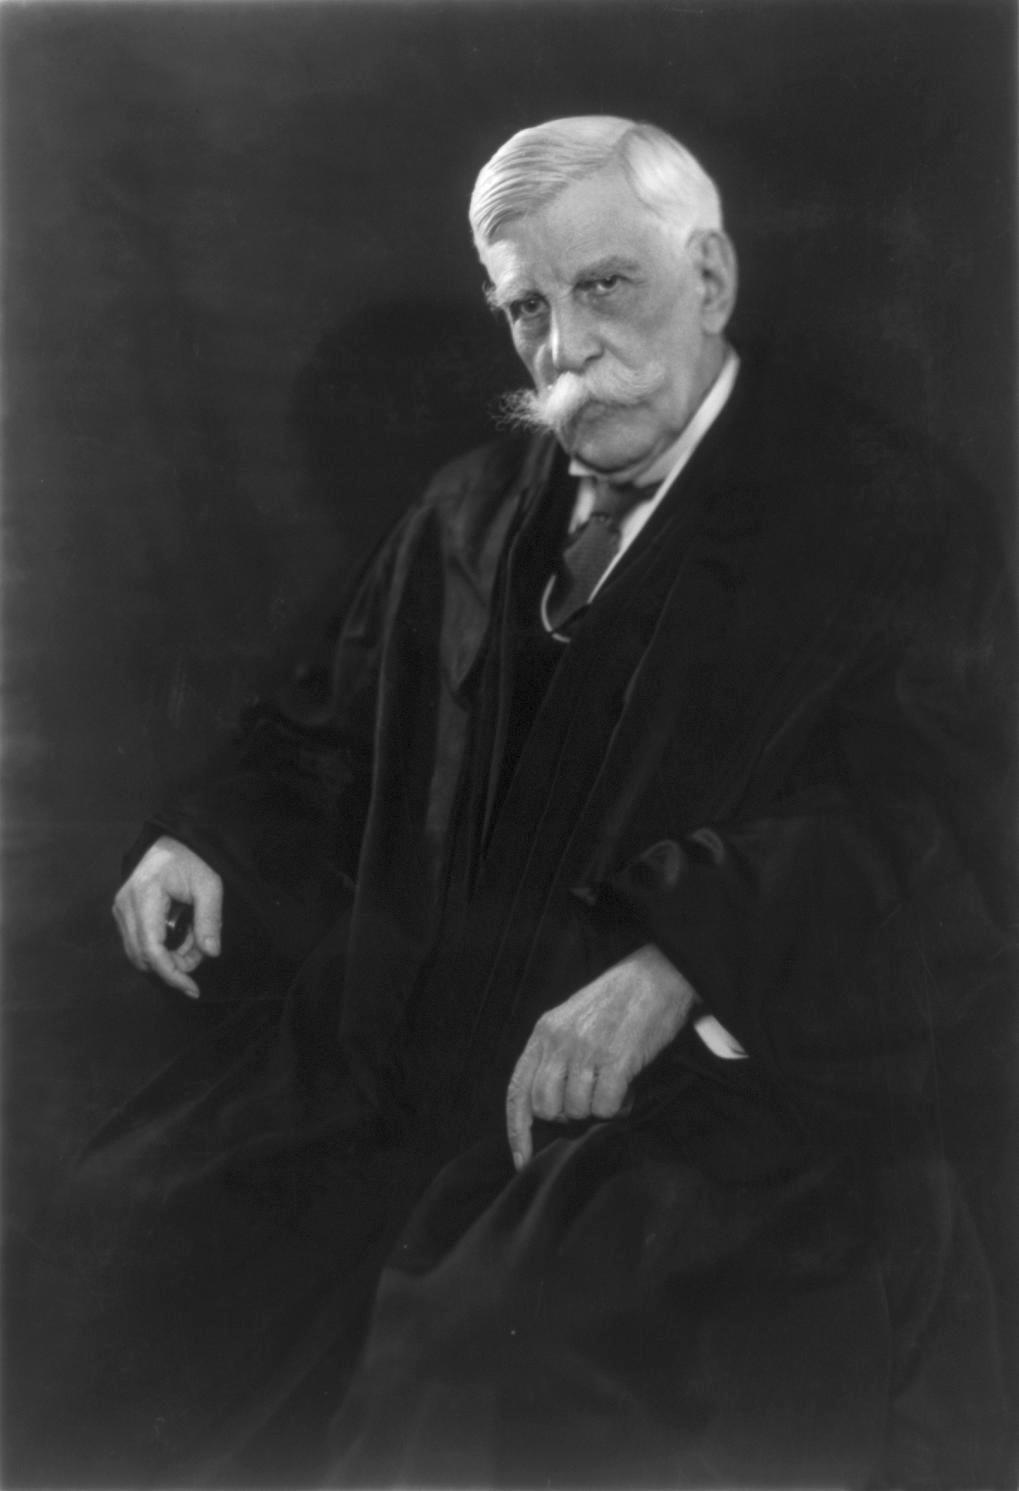 Oliver Wendell Holmes, Jr., circa 1930.